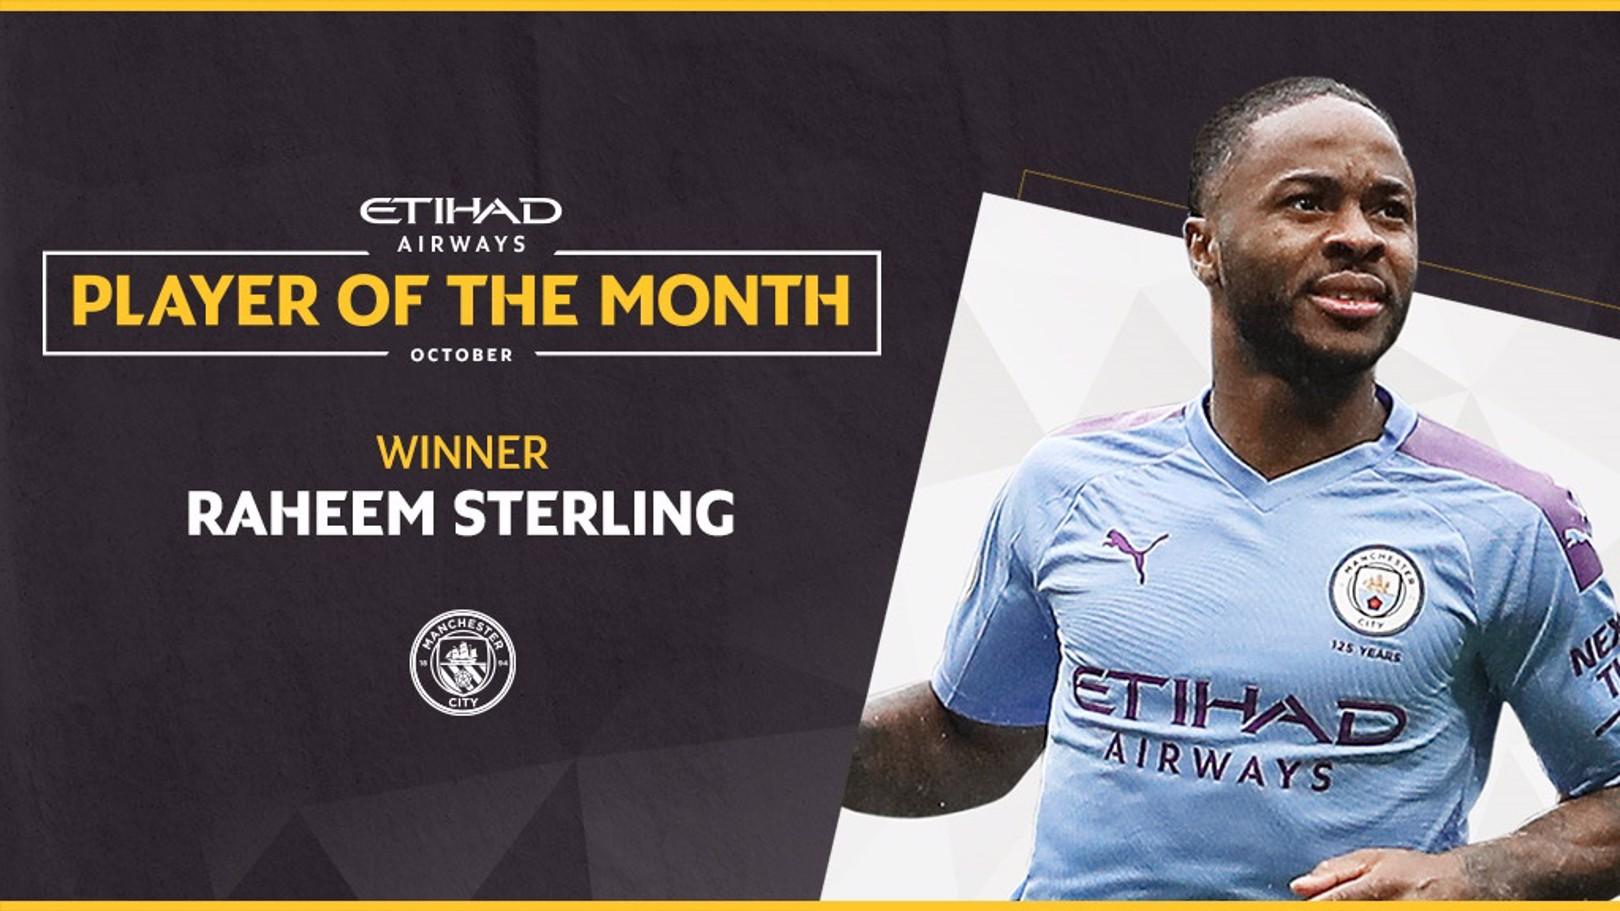 Inilah Etihad Player Of The Month Bulan Oktober